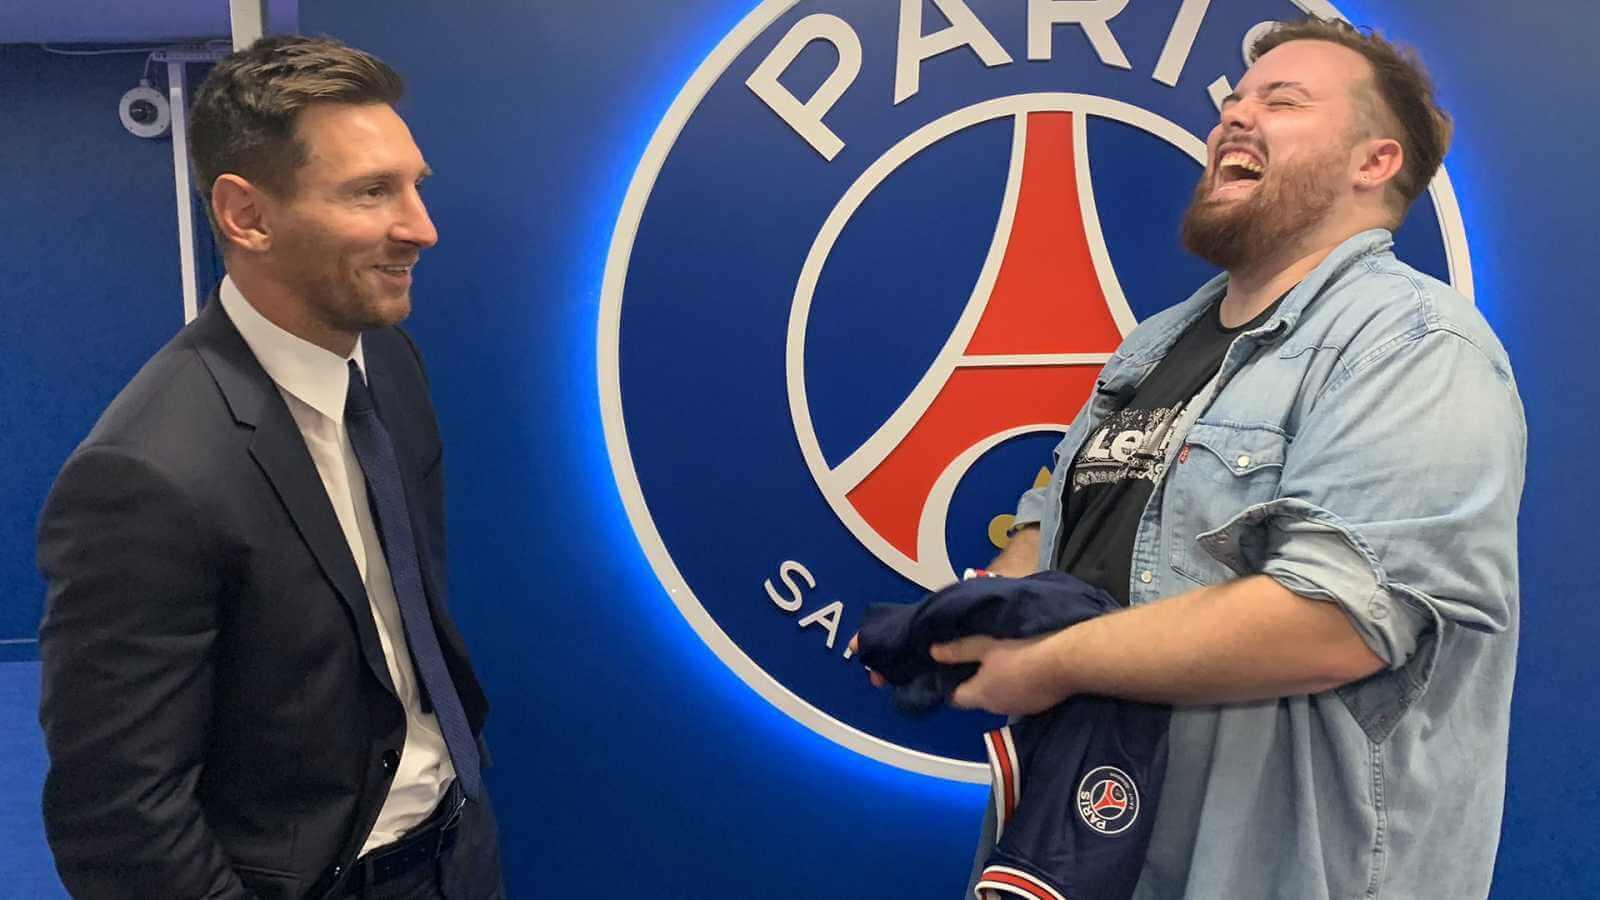 Ibai Llanos transmitirá gratis en Twitch el debut de Messi en el PSG